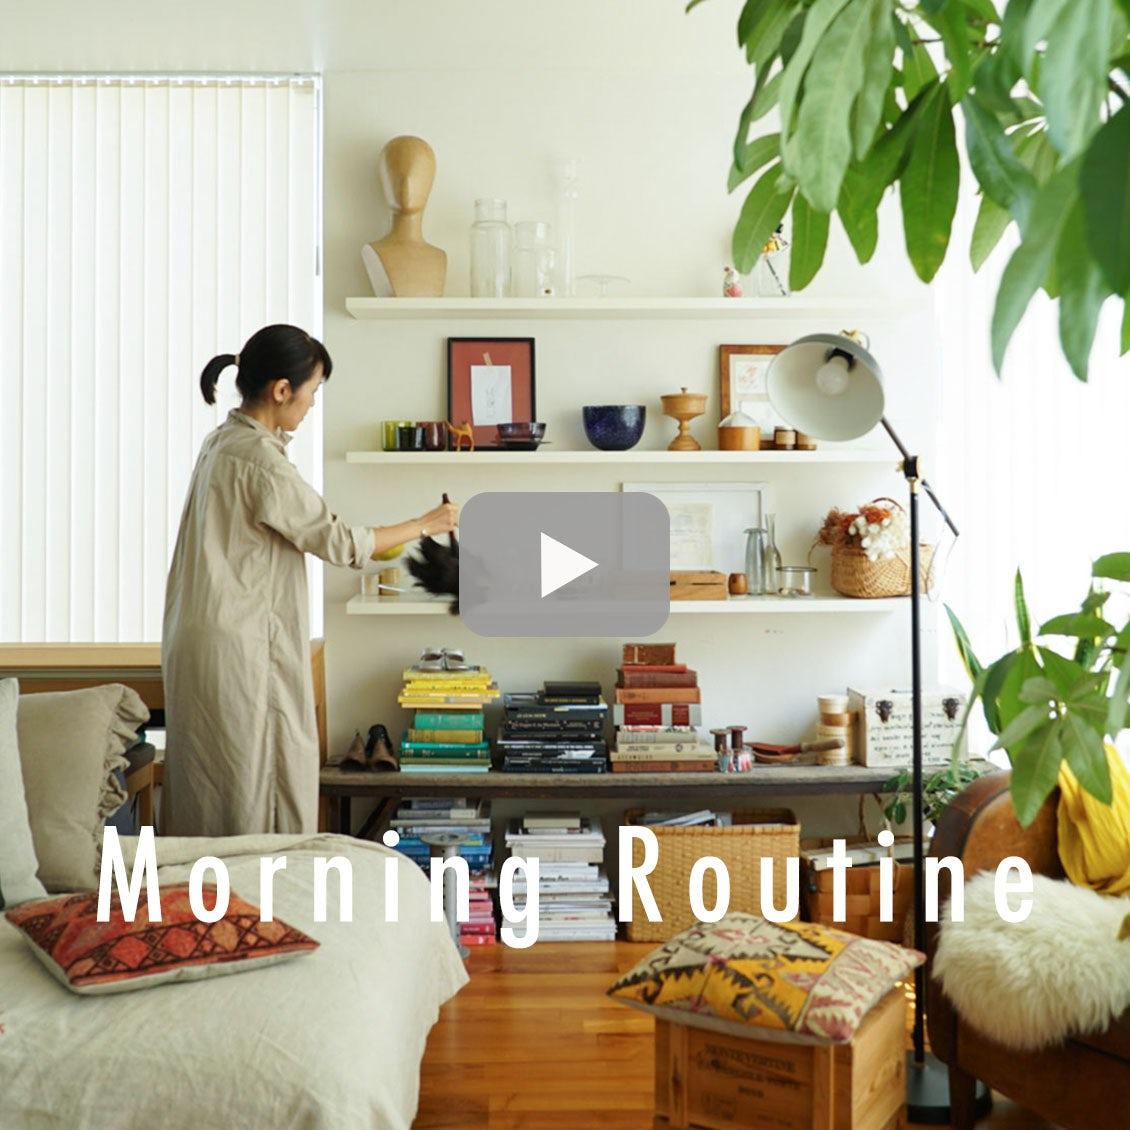 【わたしの朝習慣】1日の始まりは空間を整えることから。15分で気持ちを切り替える朝時間